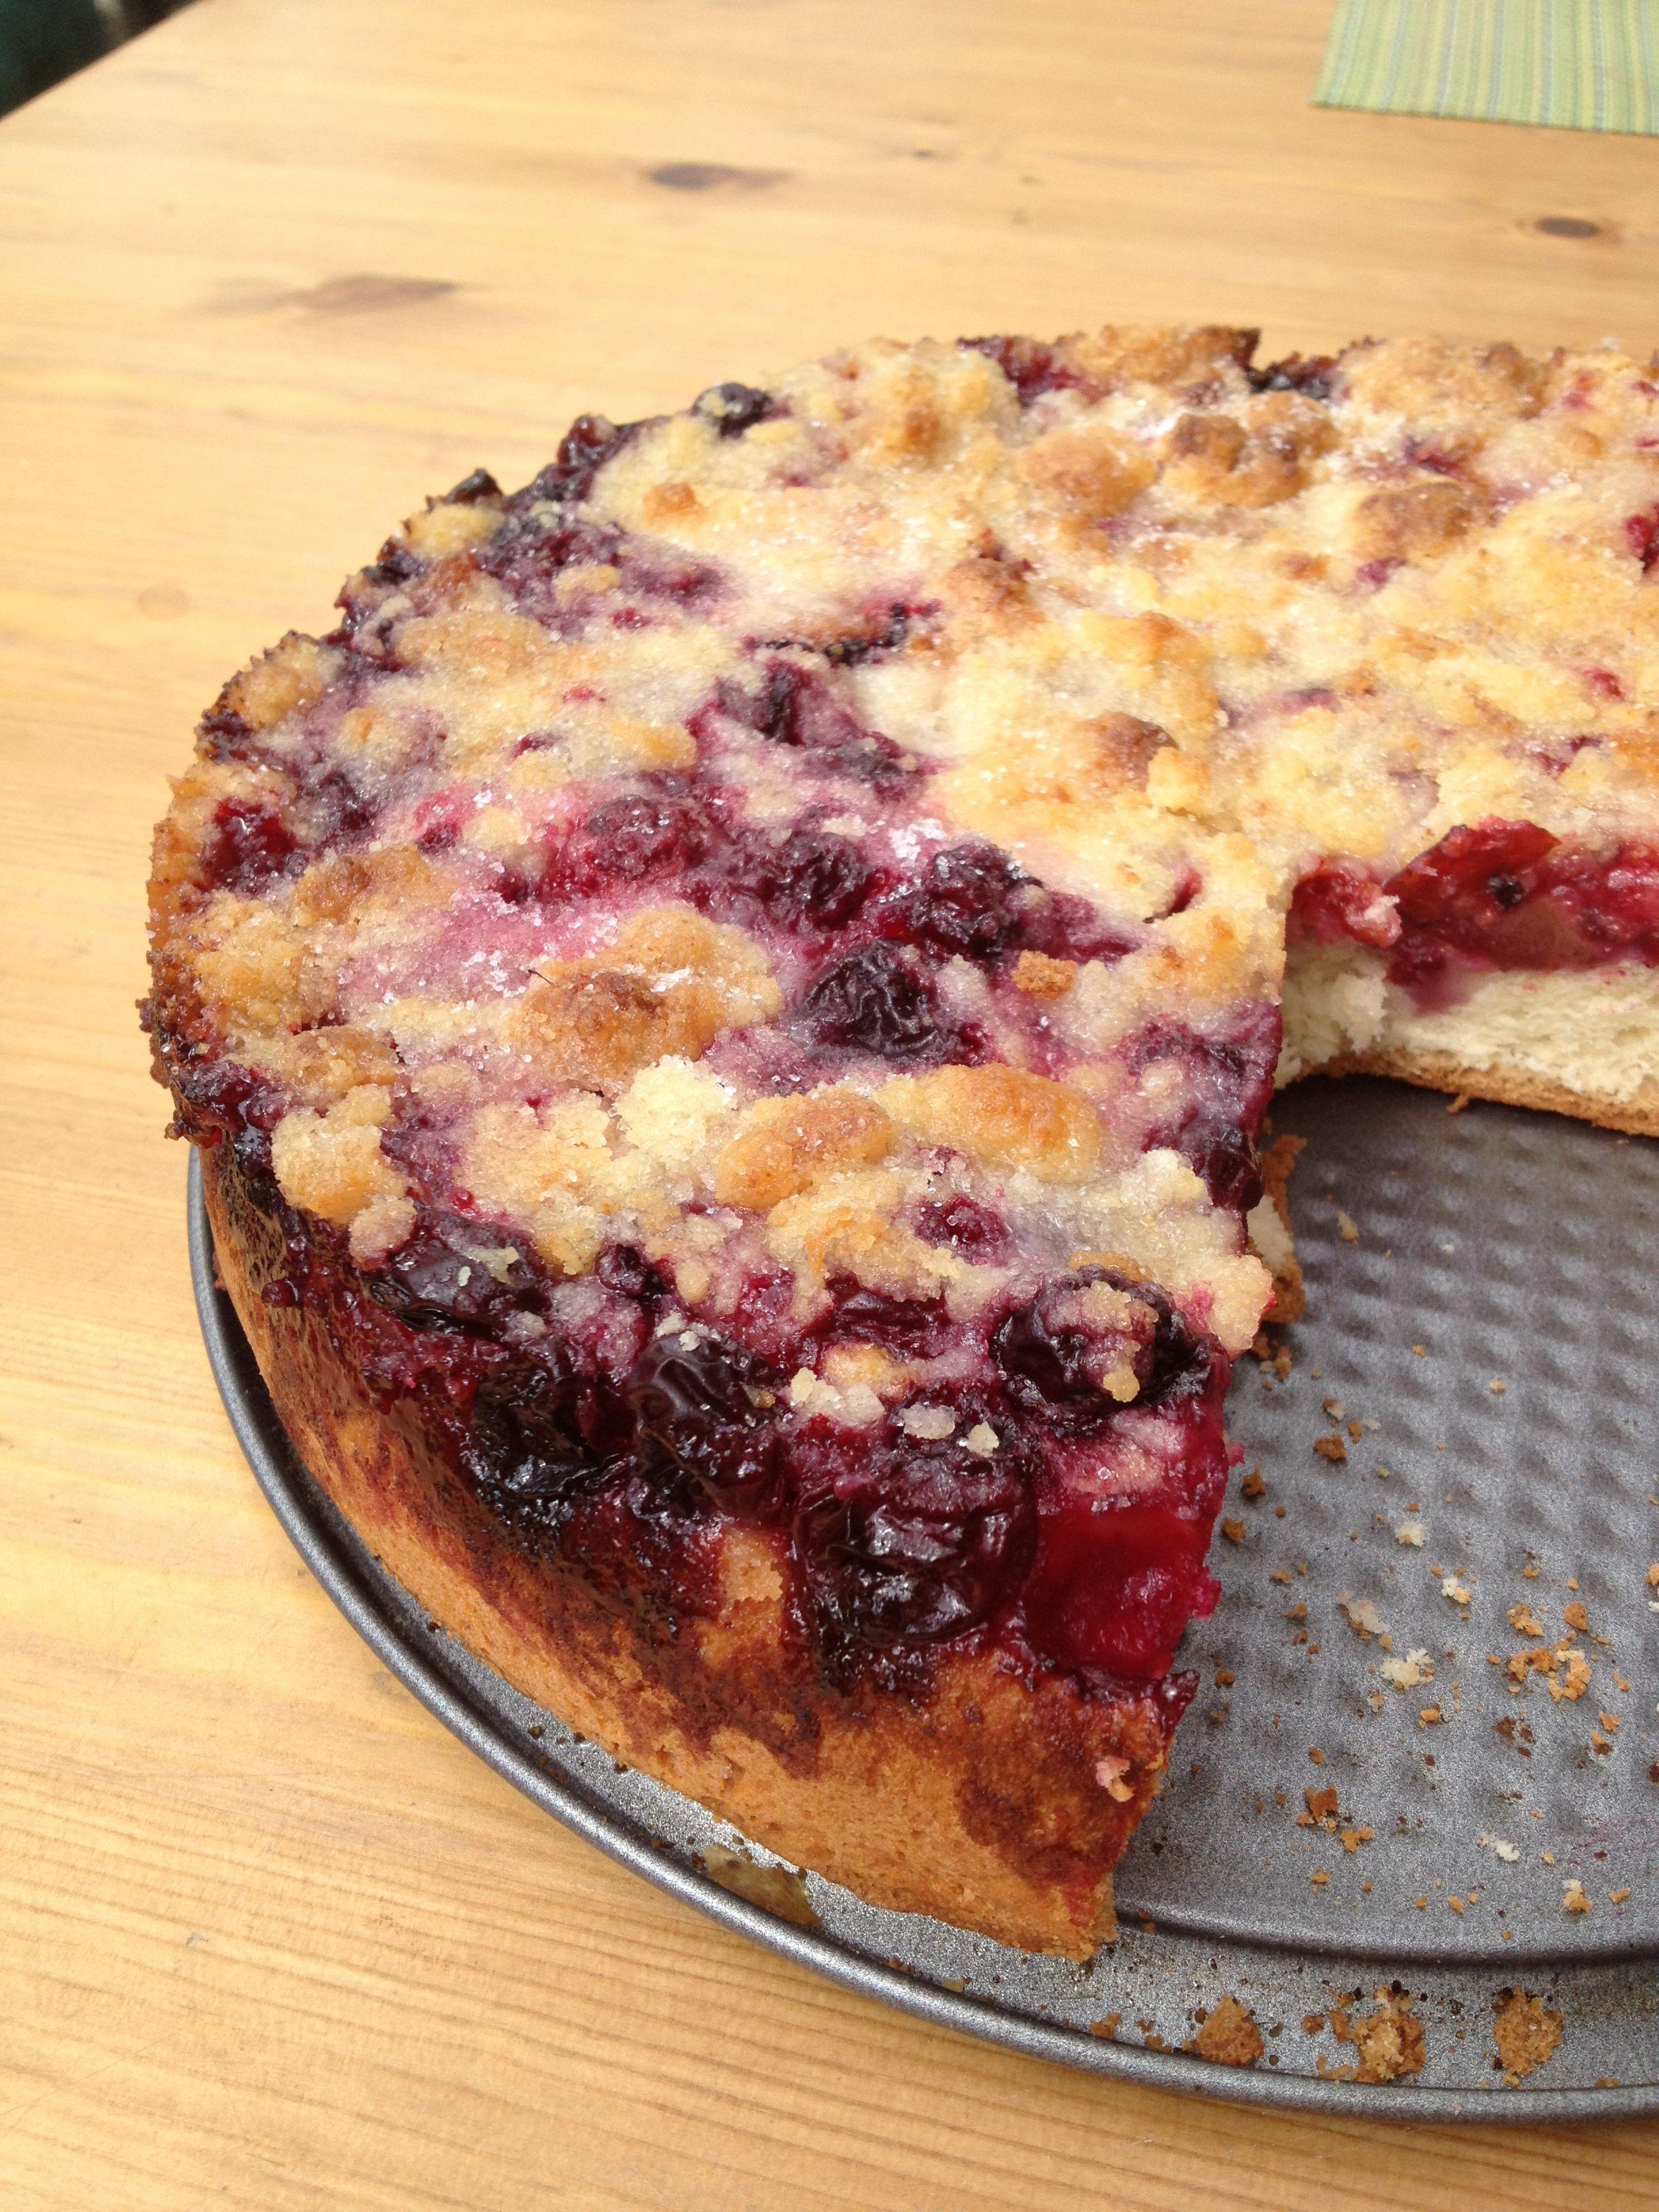 Grandma's Cherry Berry cake